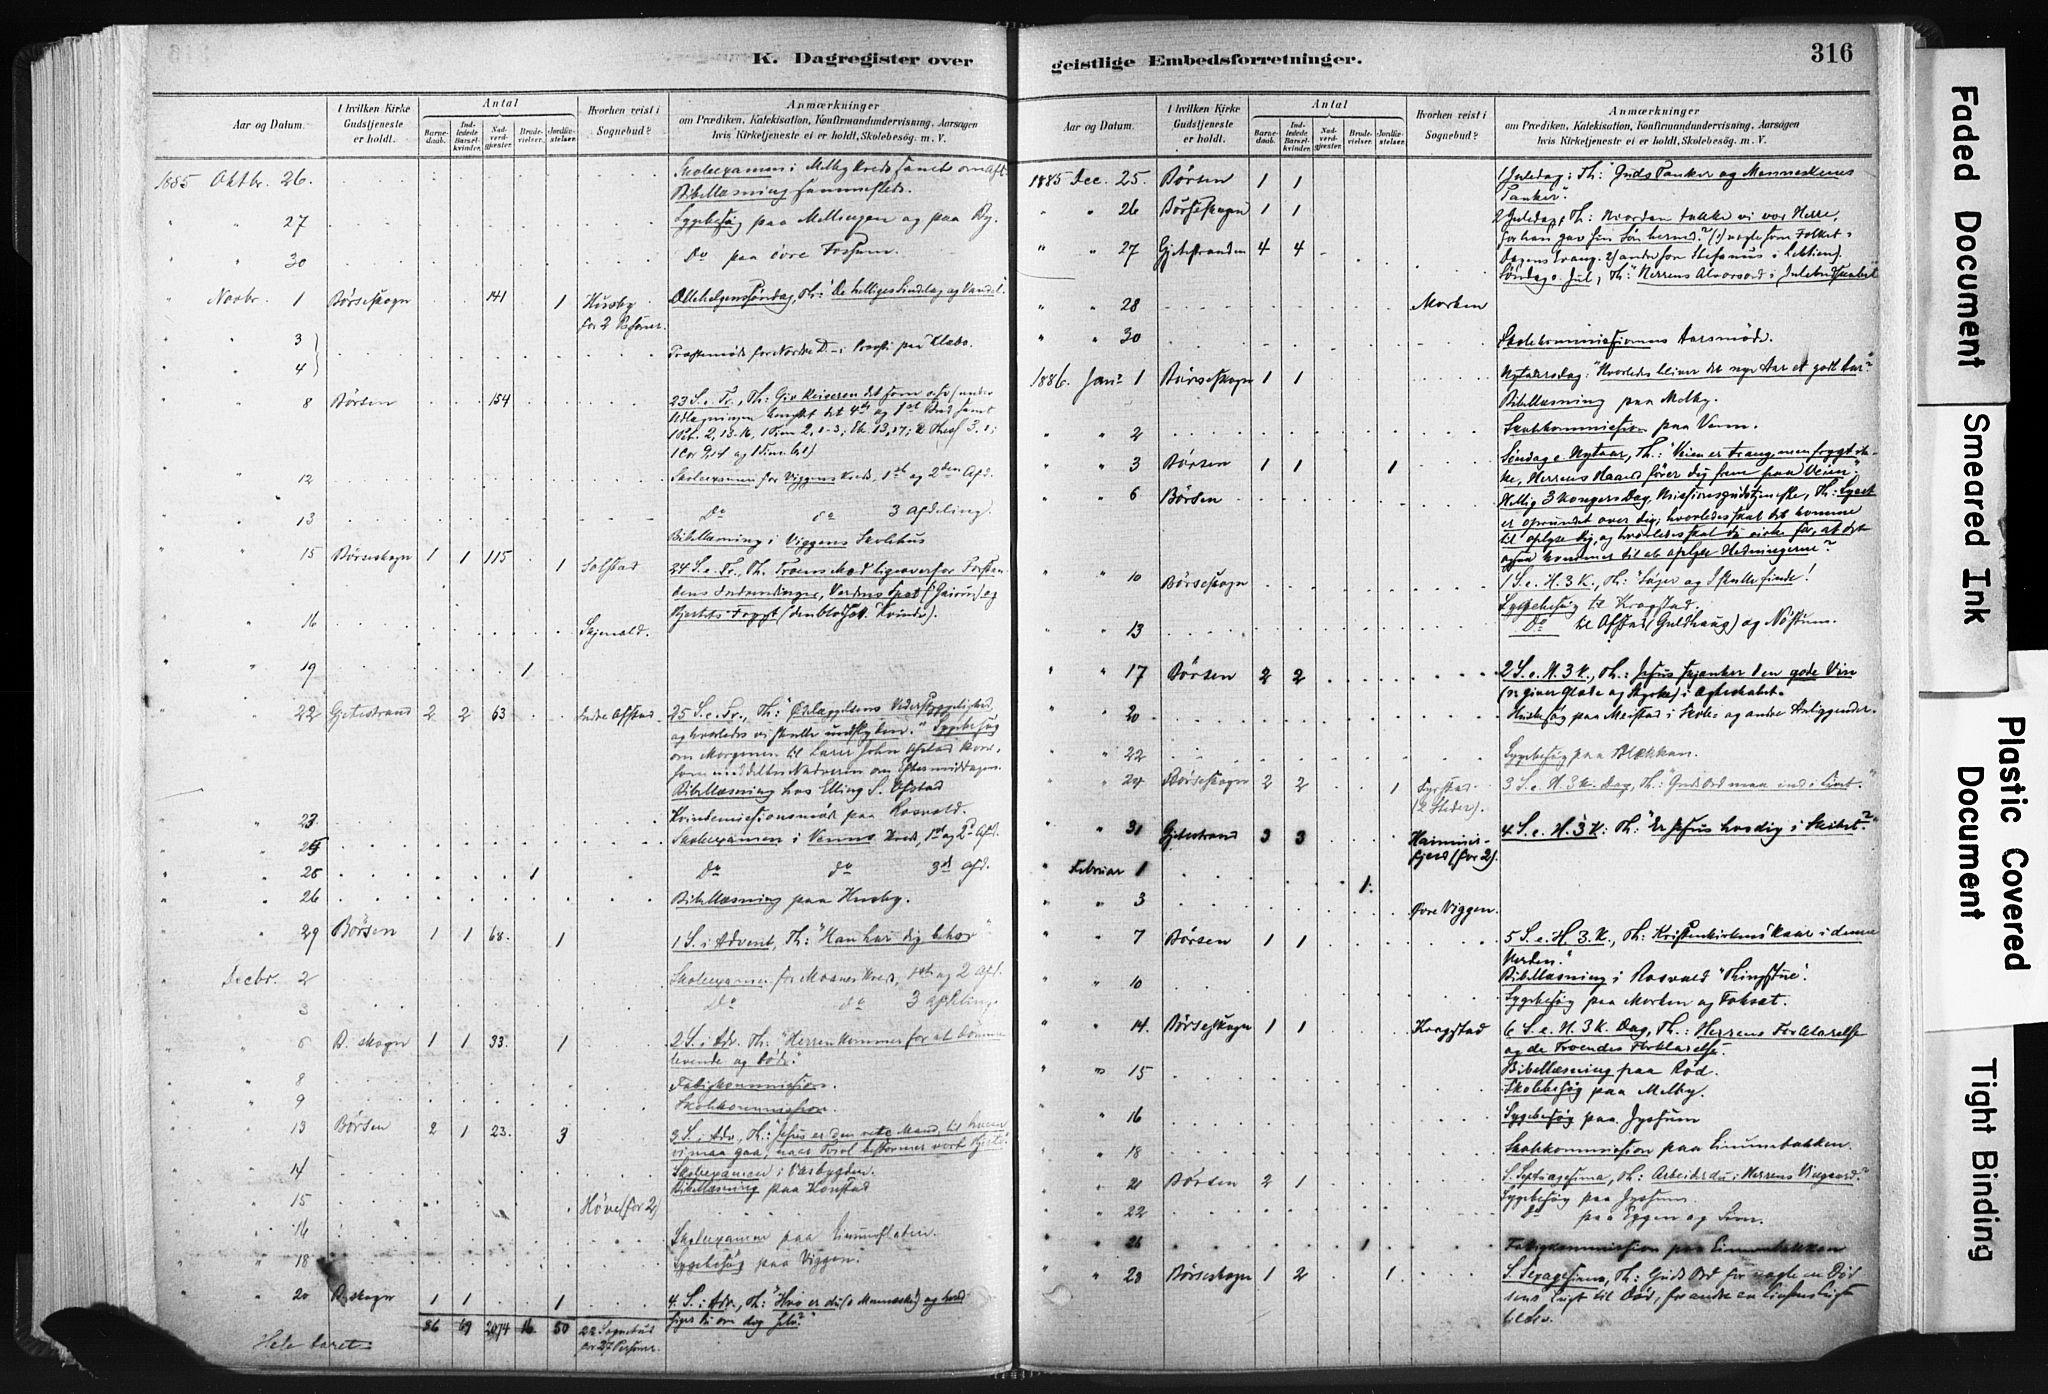 SAT, Ministerialprotokoller, klokkerbøker og fødselsregistre - Sør-Trøndelag, 665/L0773: Ministerialbok nr. 665A08, 1879-1905, s. 316